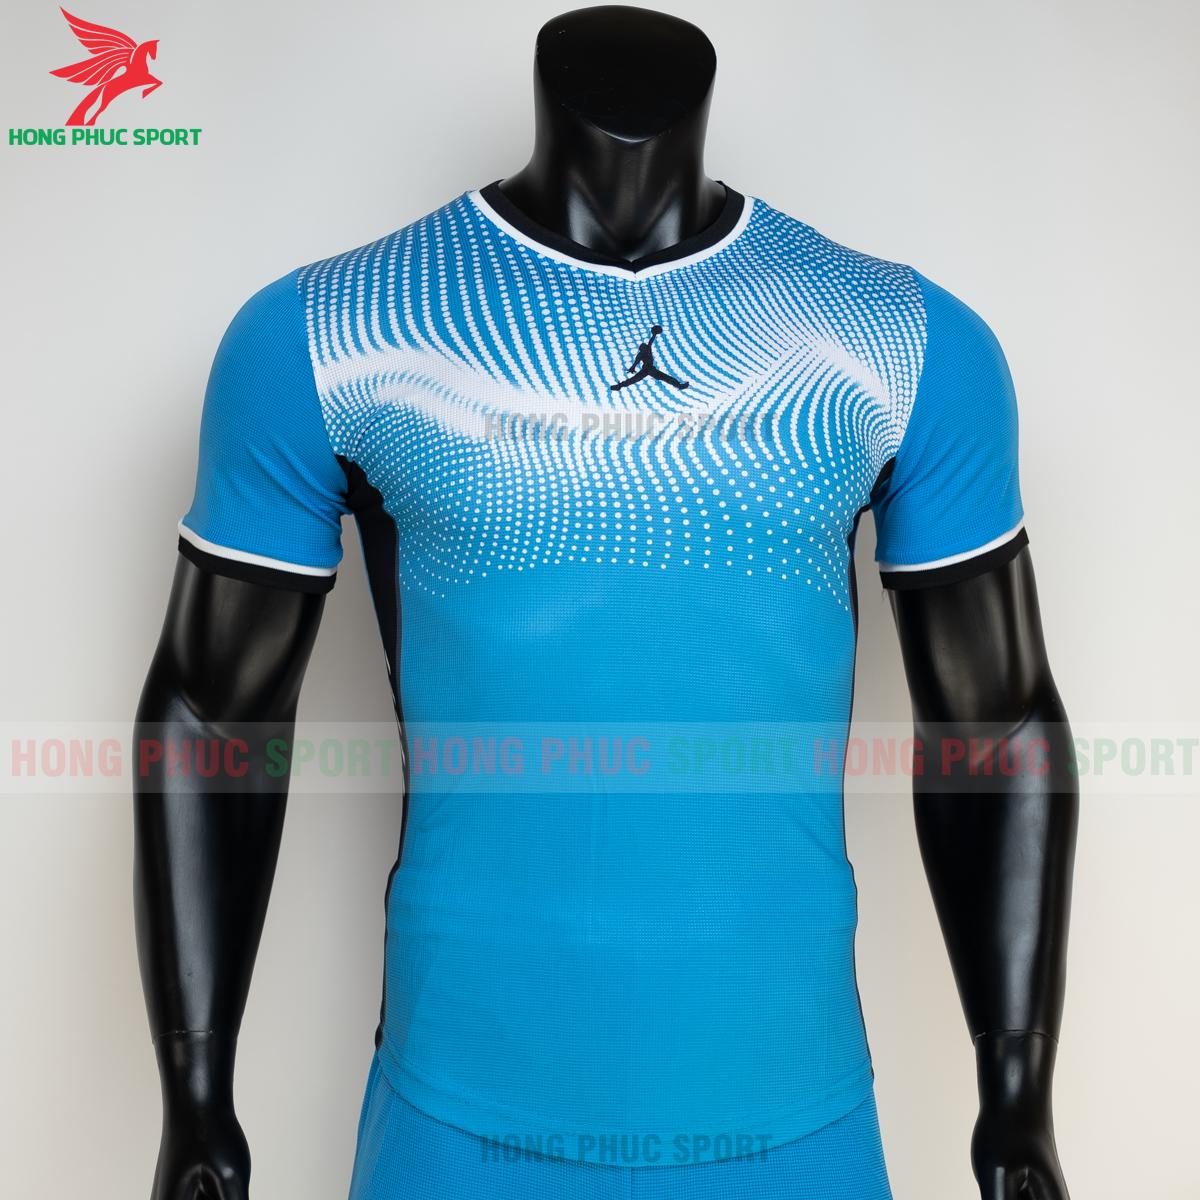 https://cdn.hongphucsport.com/unsafe/s4.shopbay.vn/files/285/ao-bong-chuyen-khong-logo-jordan-wave-mau-xanh-da-2-6050205c9c08d.png